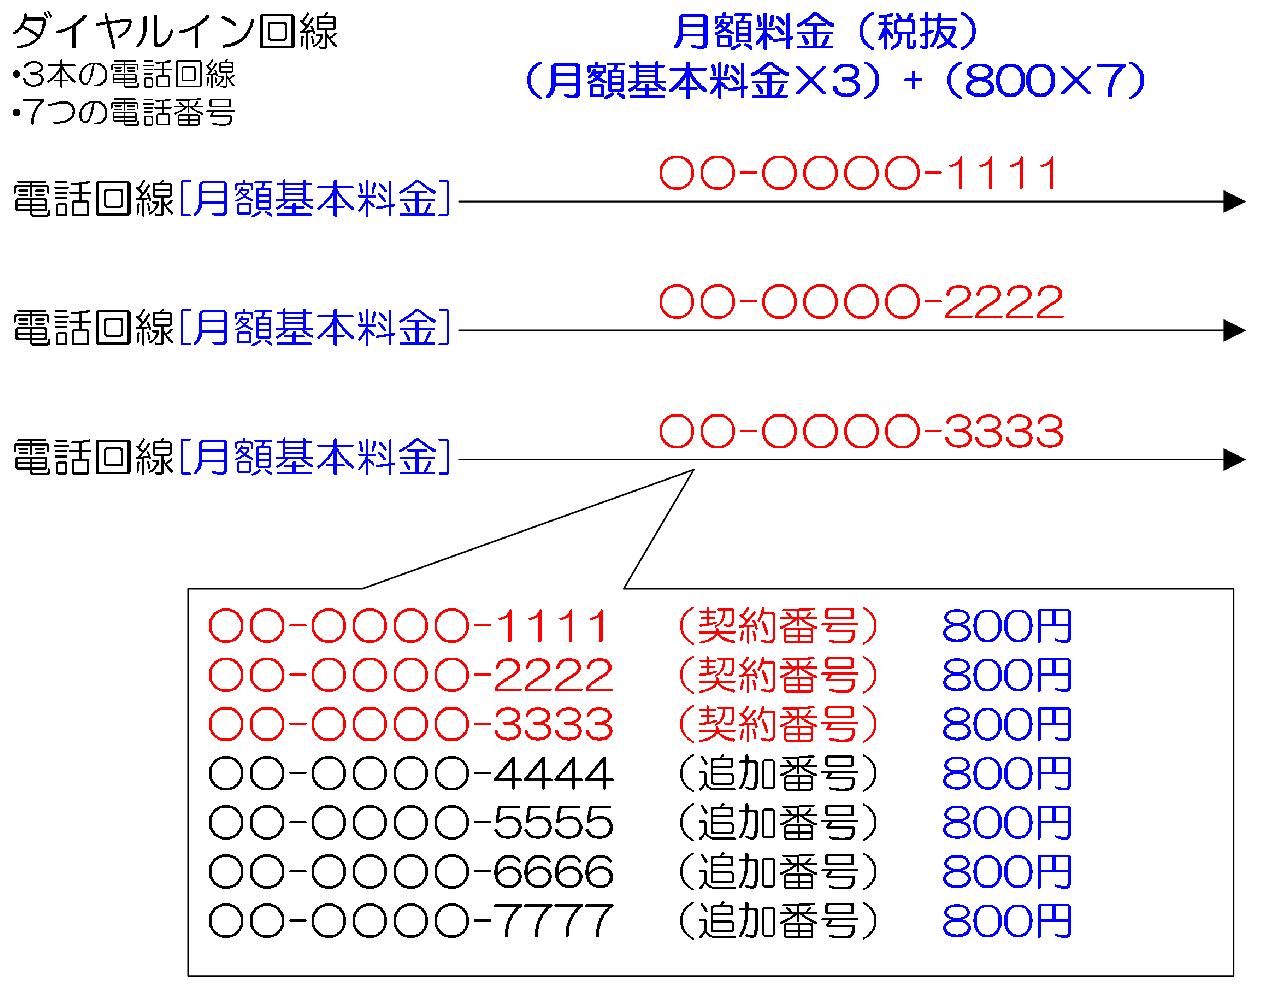 1電話番号につき800円(税別)